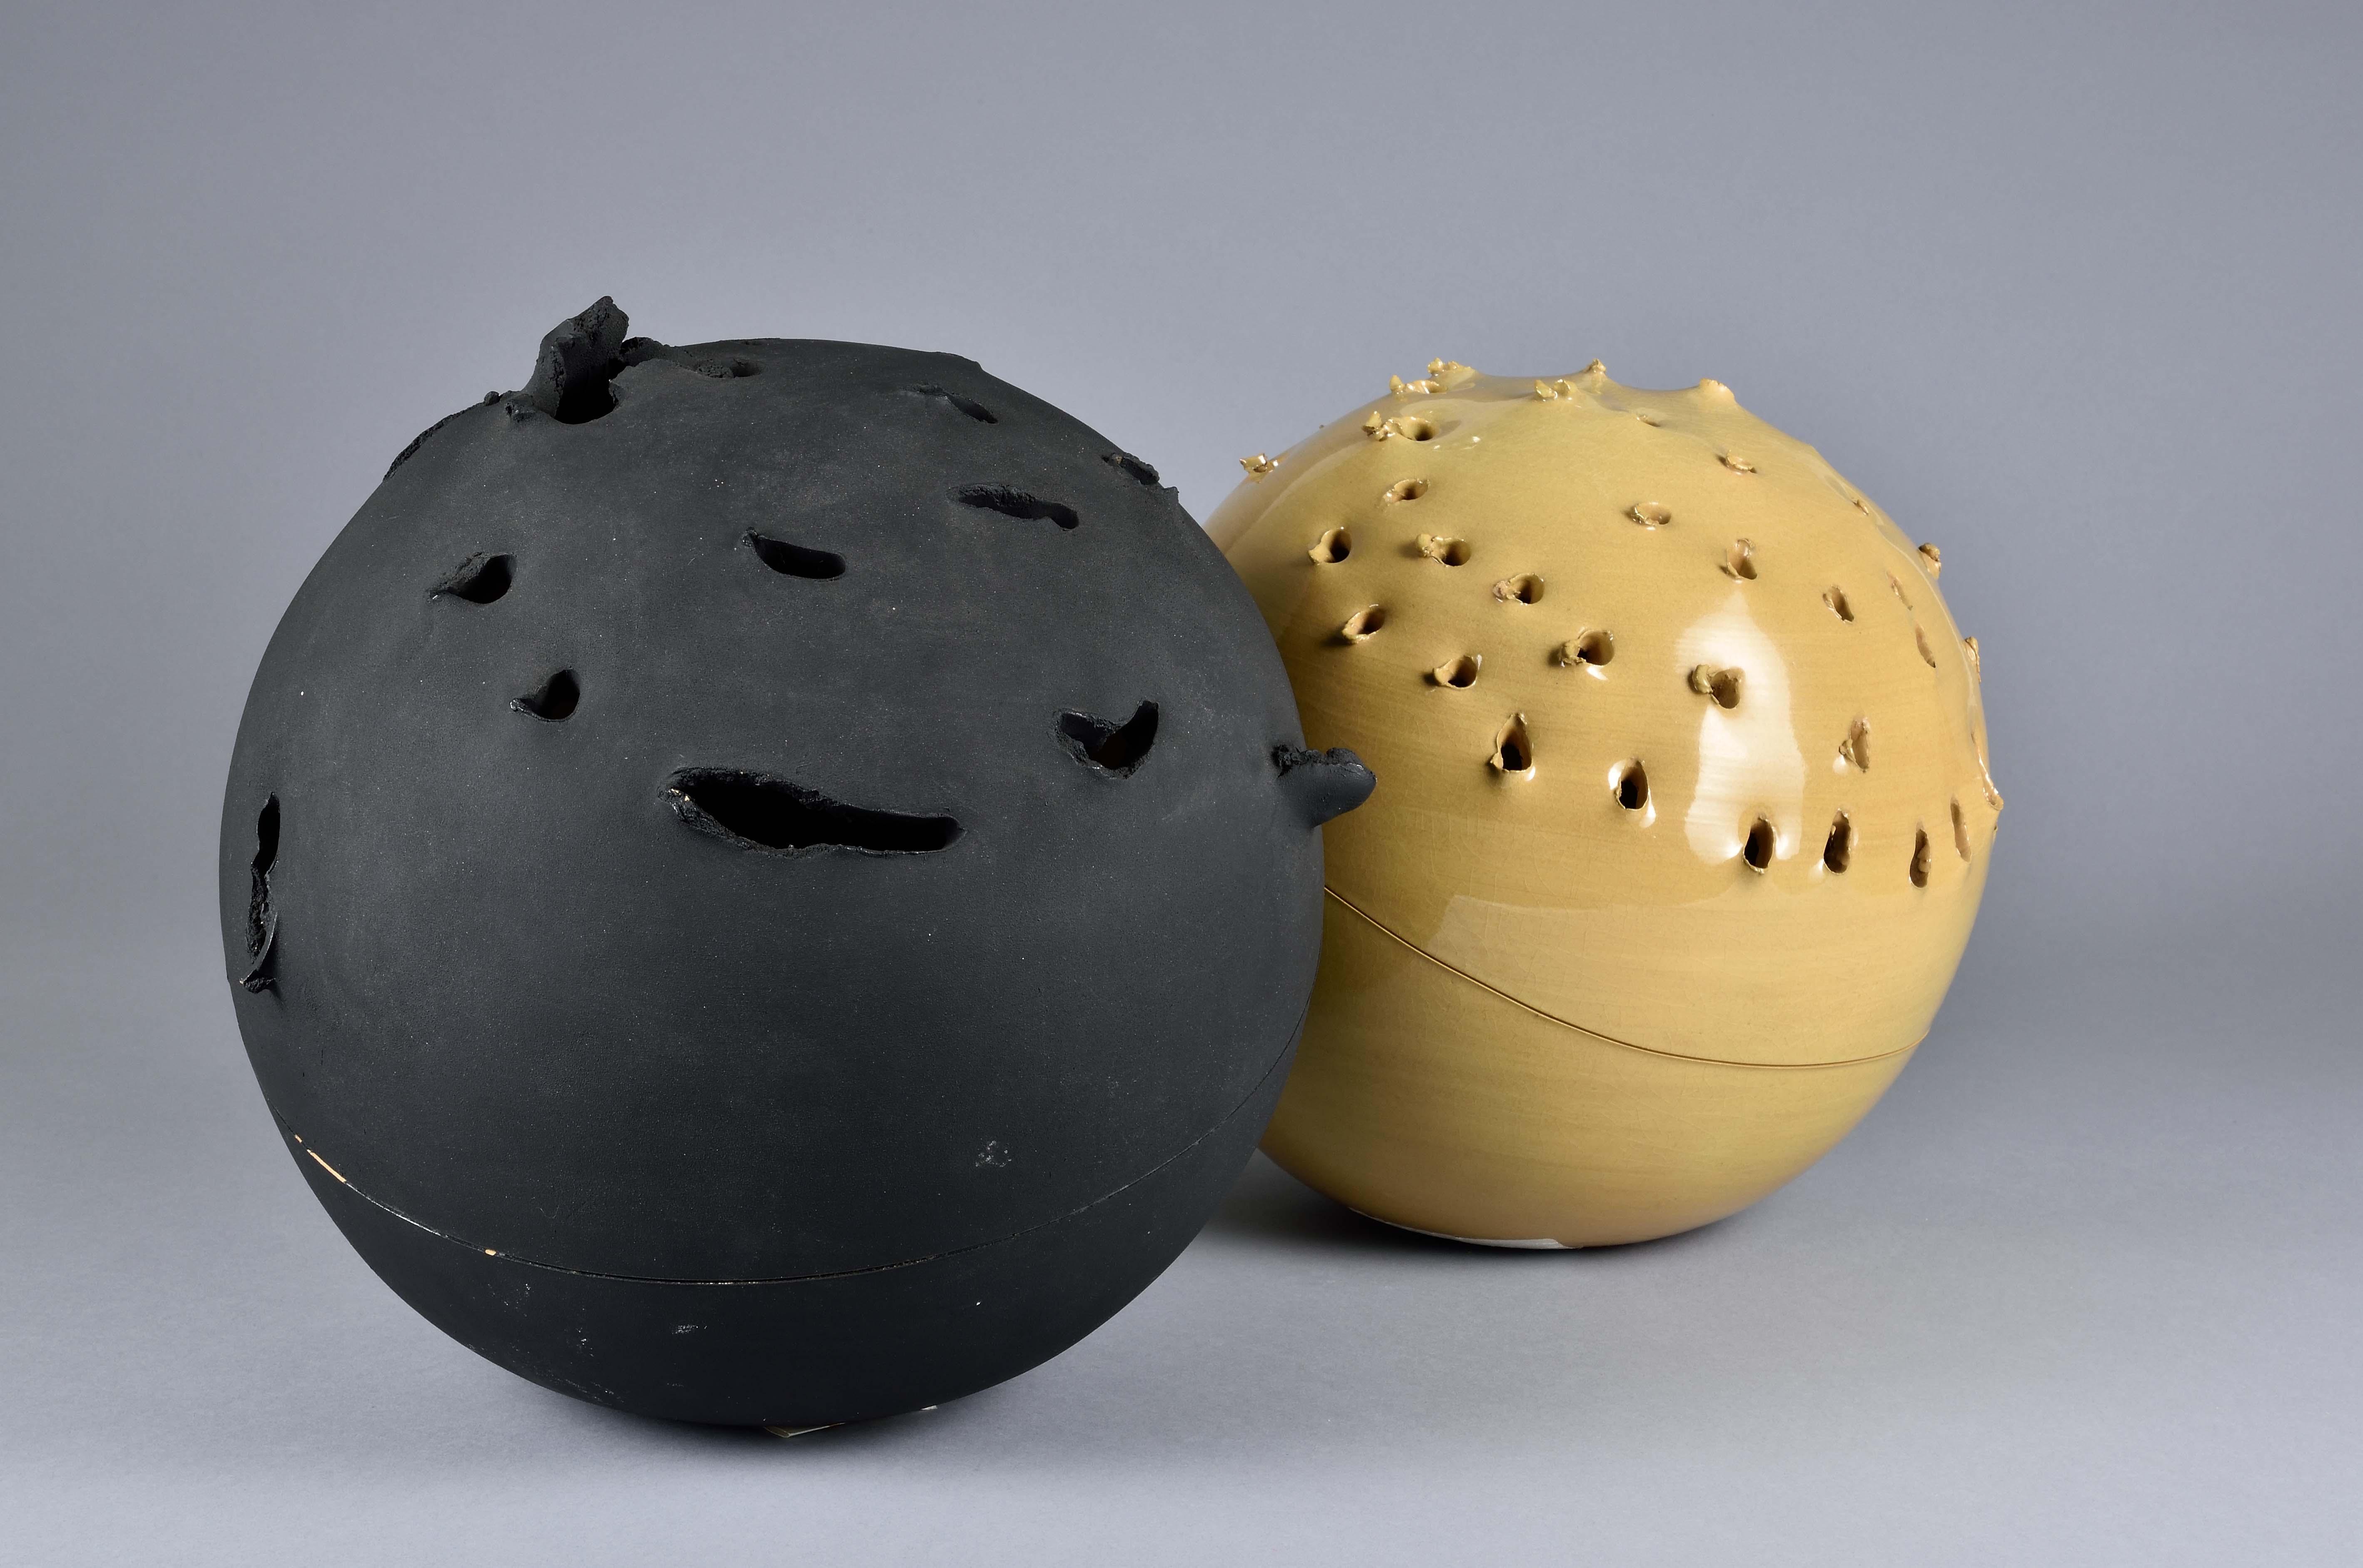 Spheres | Lucio Fontana | 1957 | Museo Internazionale delle Ceramiche Faenza (MIC) | © VG Bild-Kunst, Bonn 2019